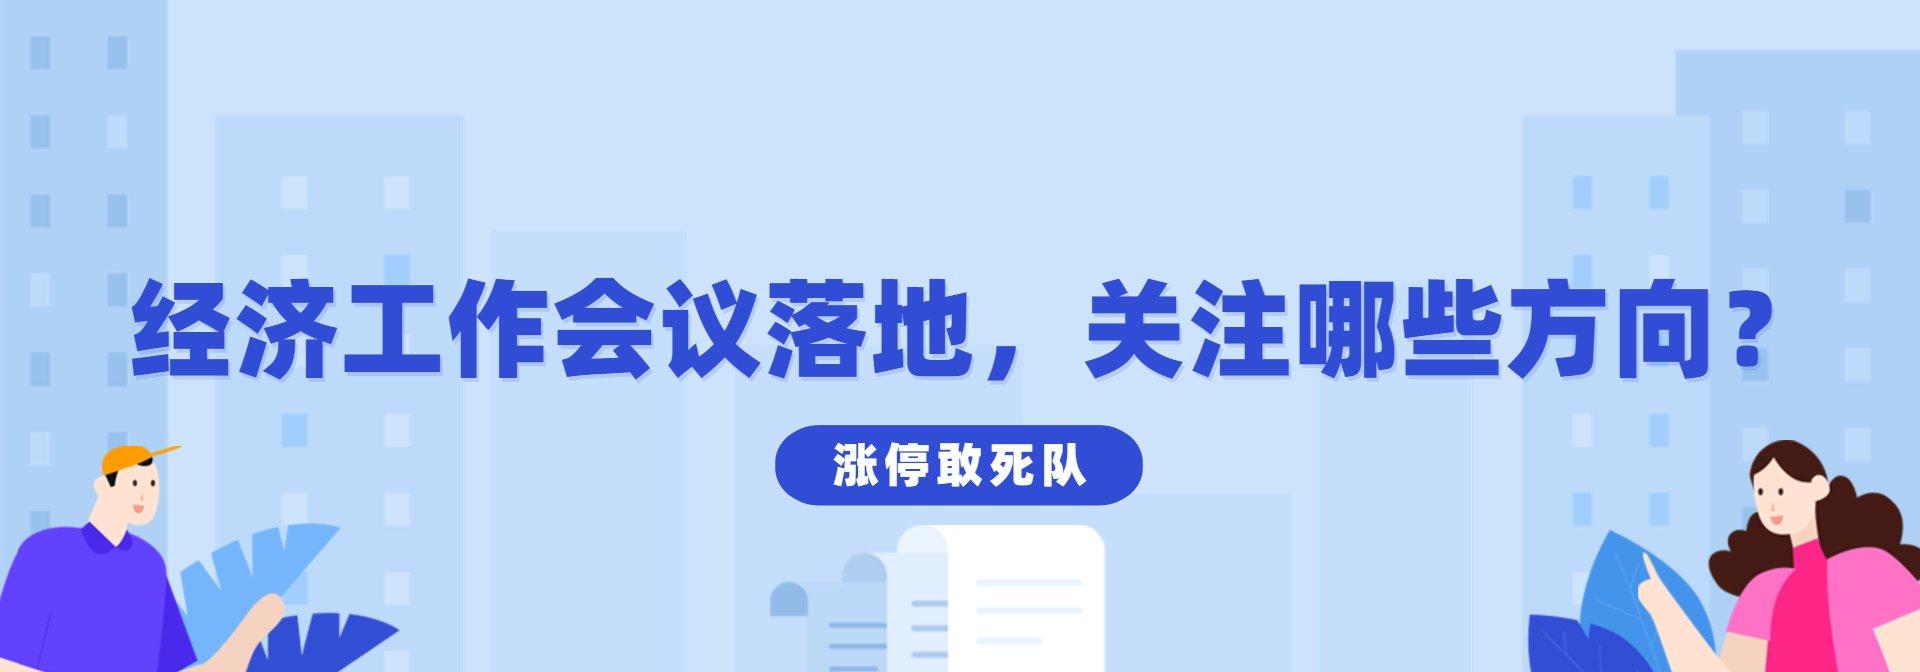 會員首頁banner